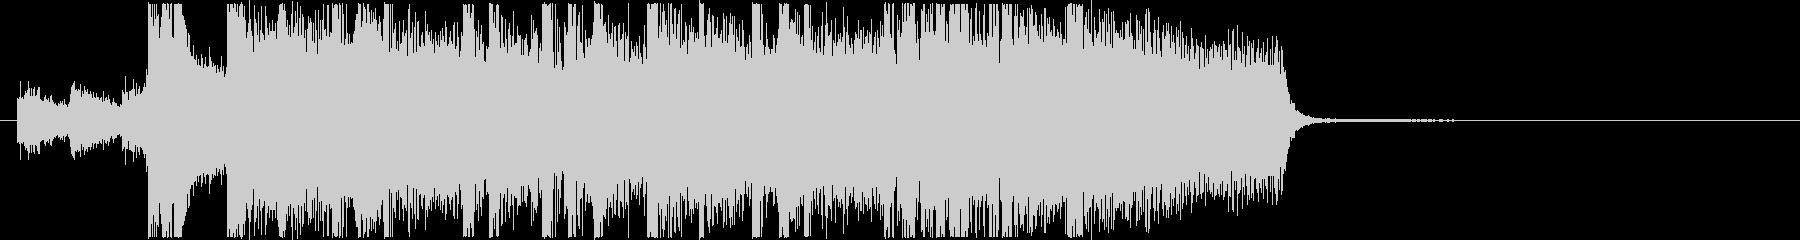 生演奏メタルなアイキャッチ6の未再生の波形